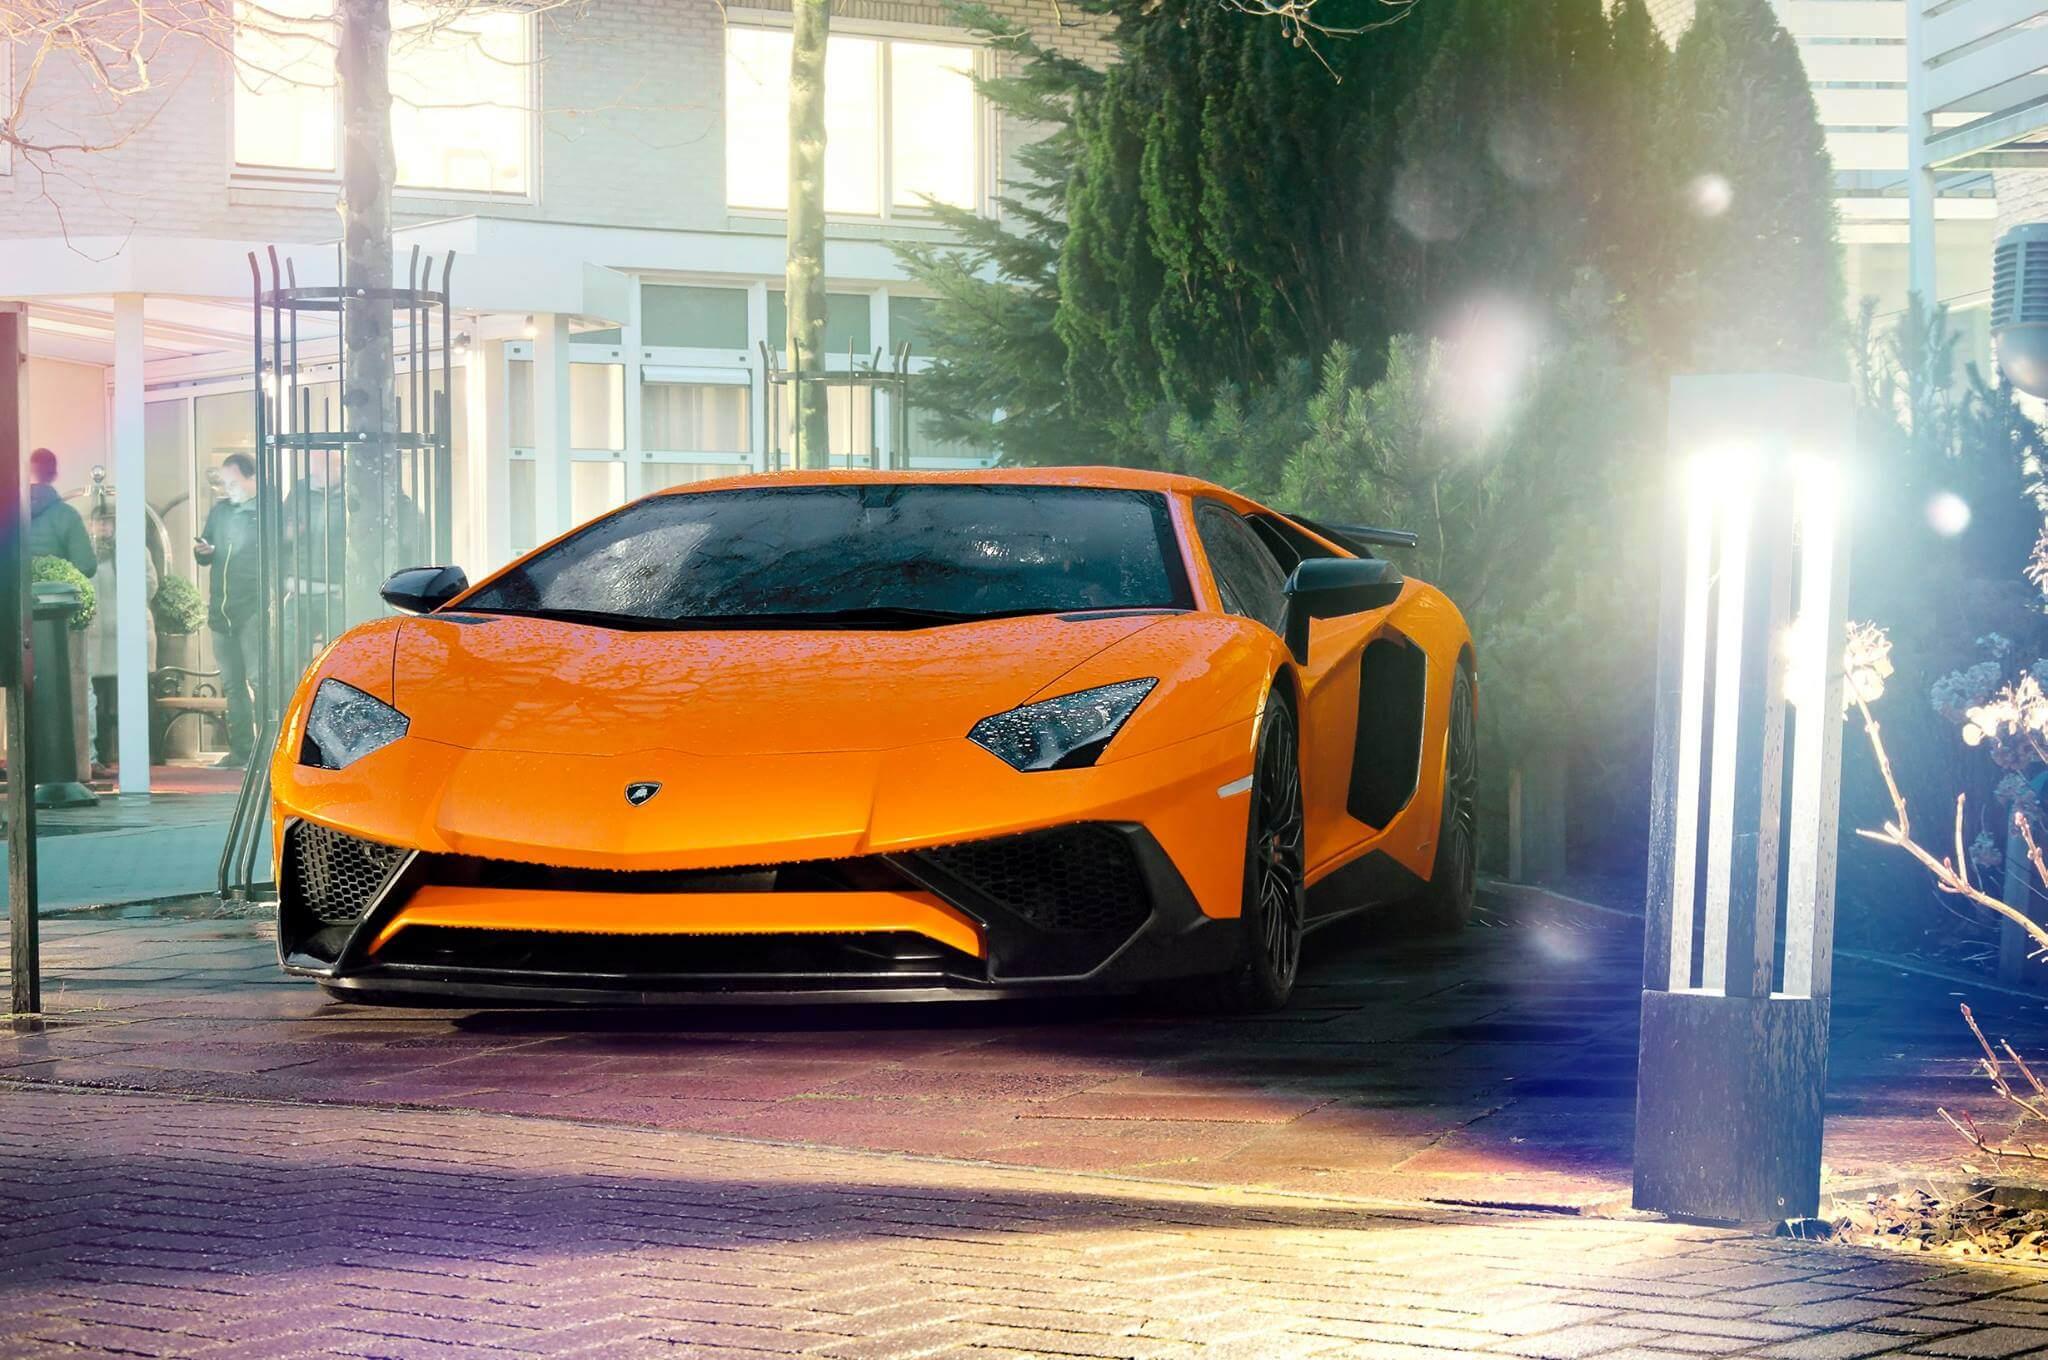 Lamborghini Aventador LP750-4 SuperVeloce -